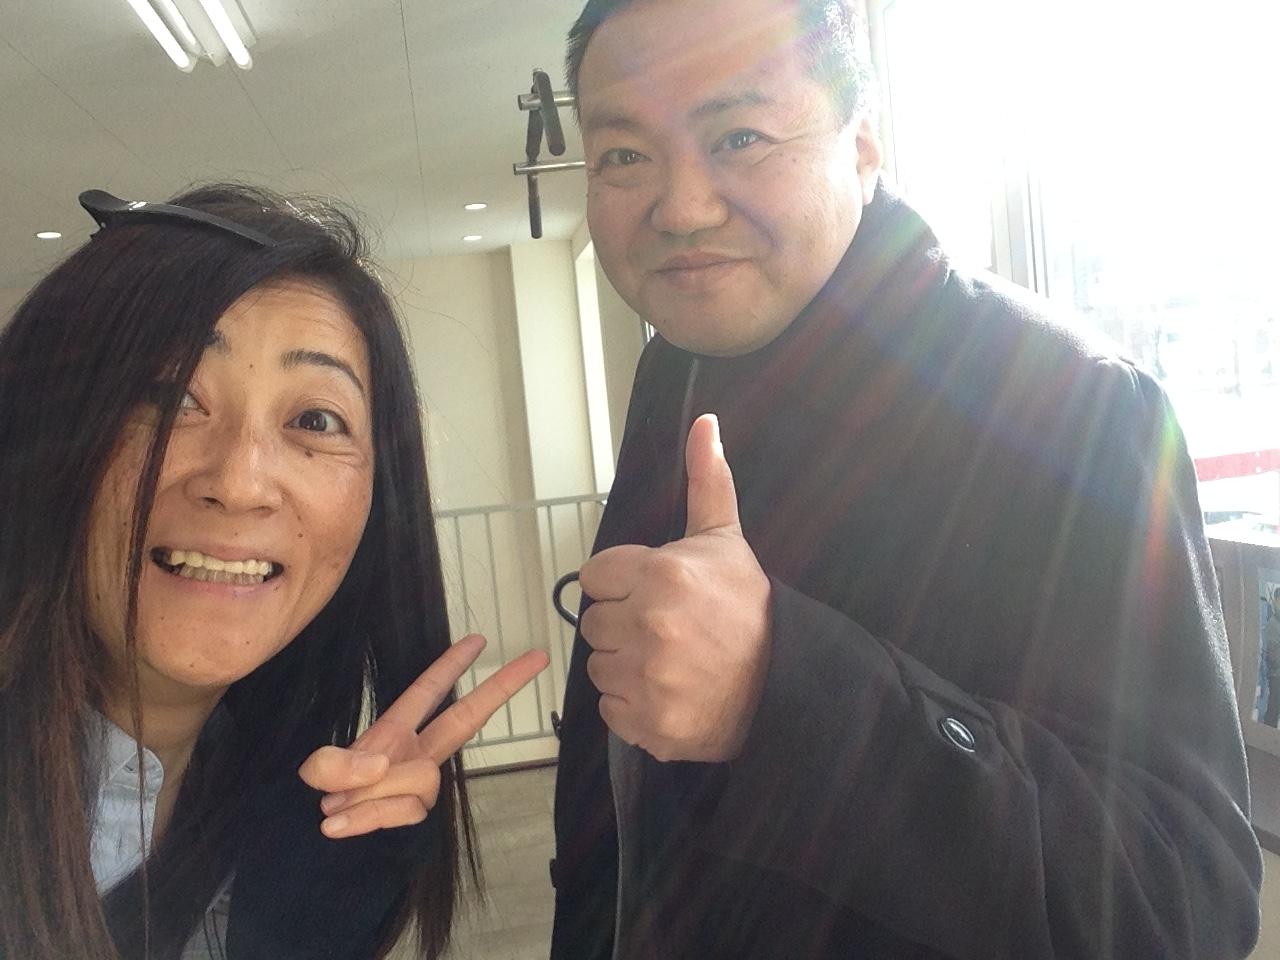 11月30日水曜日のひとログ(。・ω・。) 植東さん卒業!!!今までありがとうございました!_b0127002_18521583.jpg